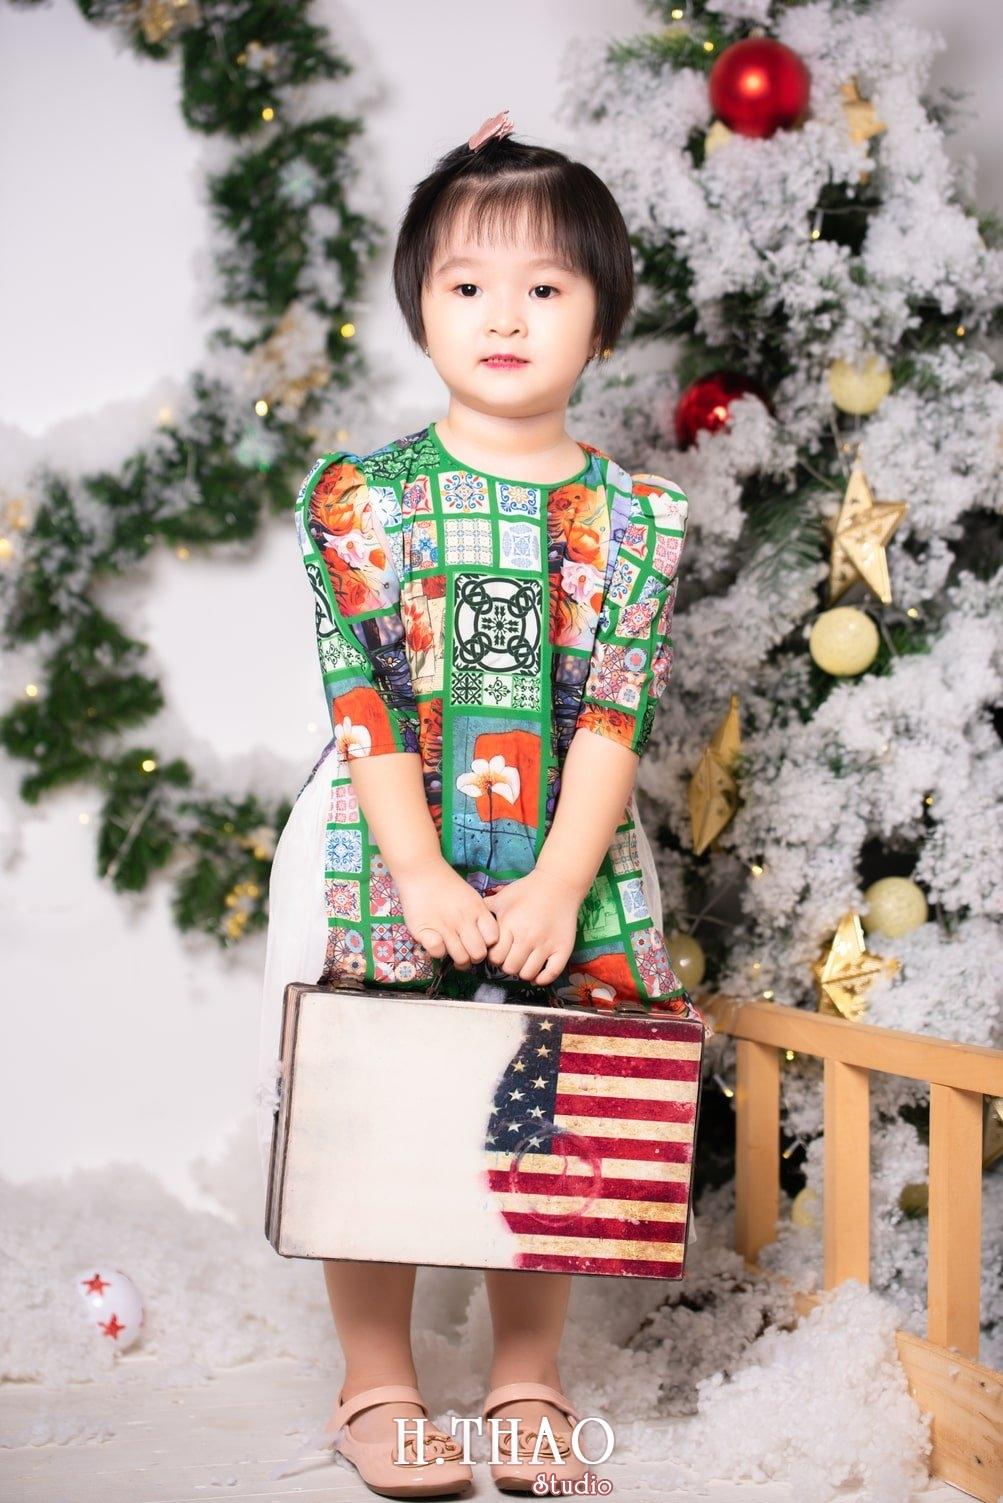 Anh be noel 26 - Album ảnh noel chụp cho con gái cưng chị Linh - HThao Studio